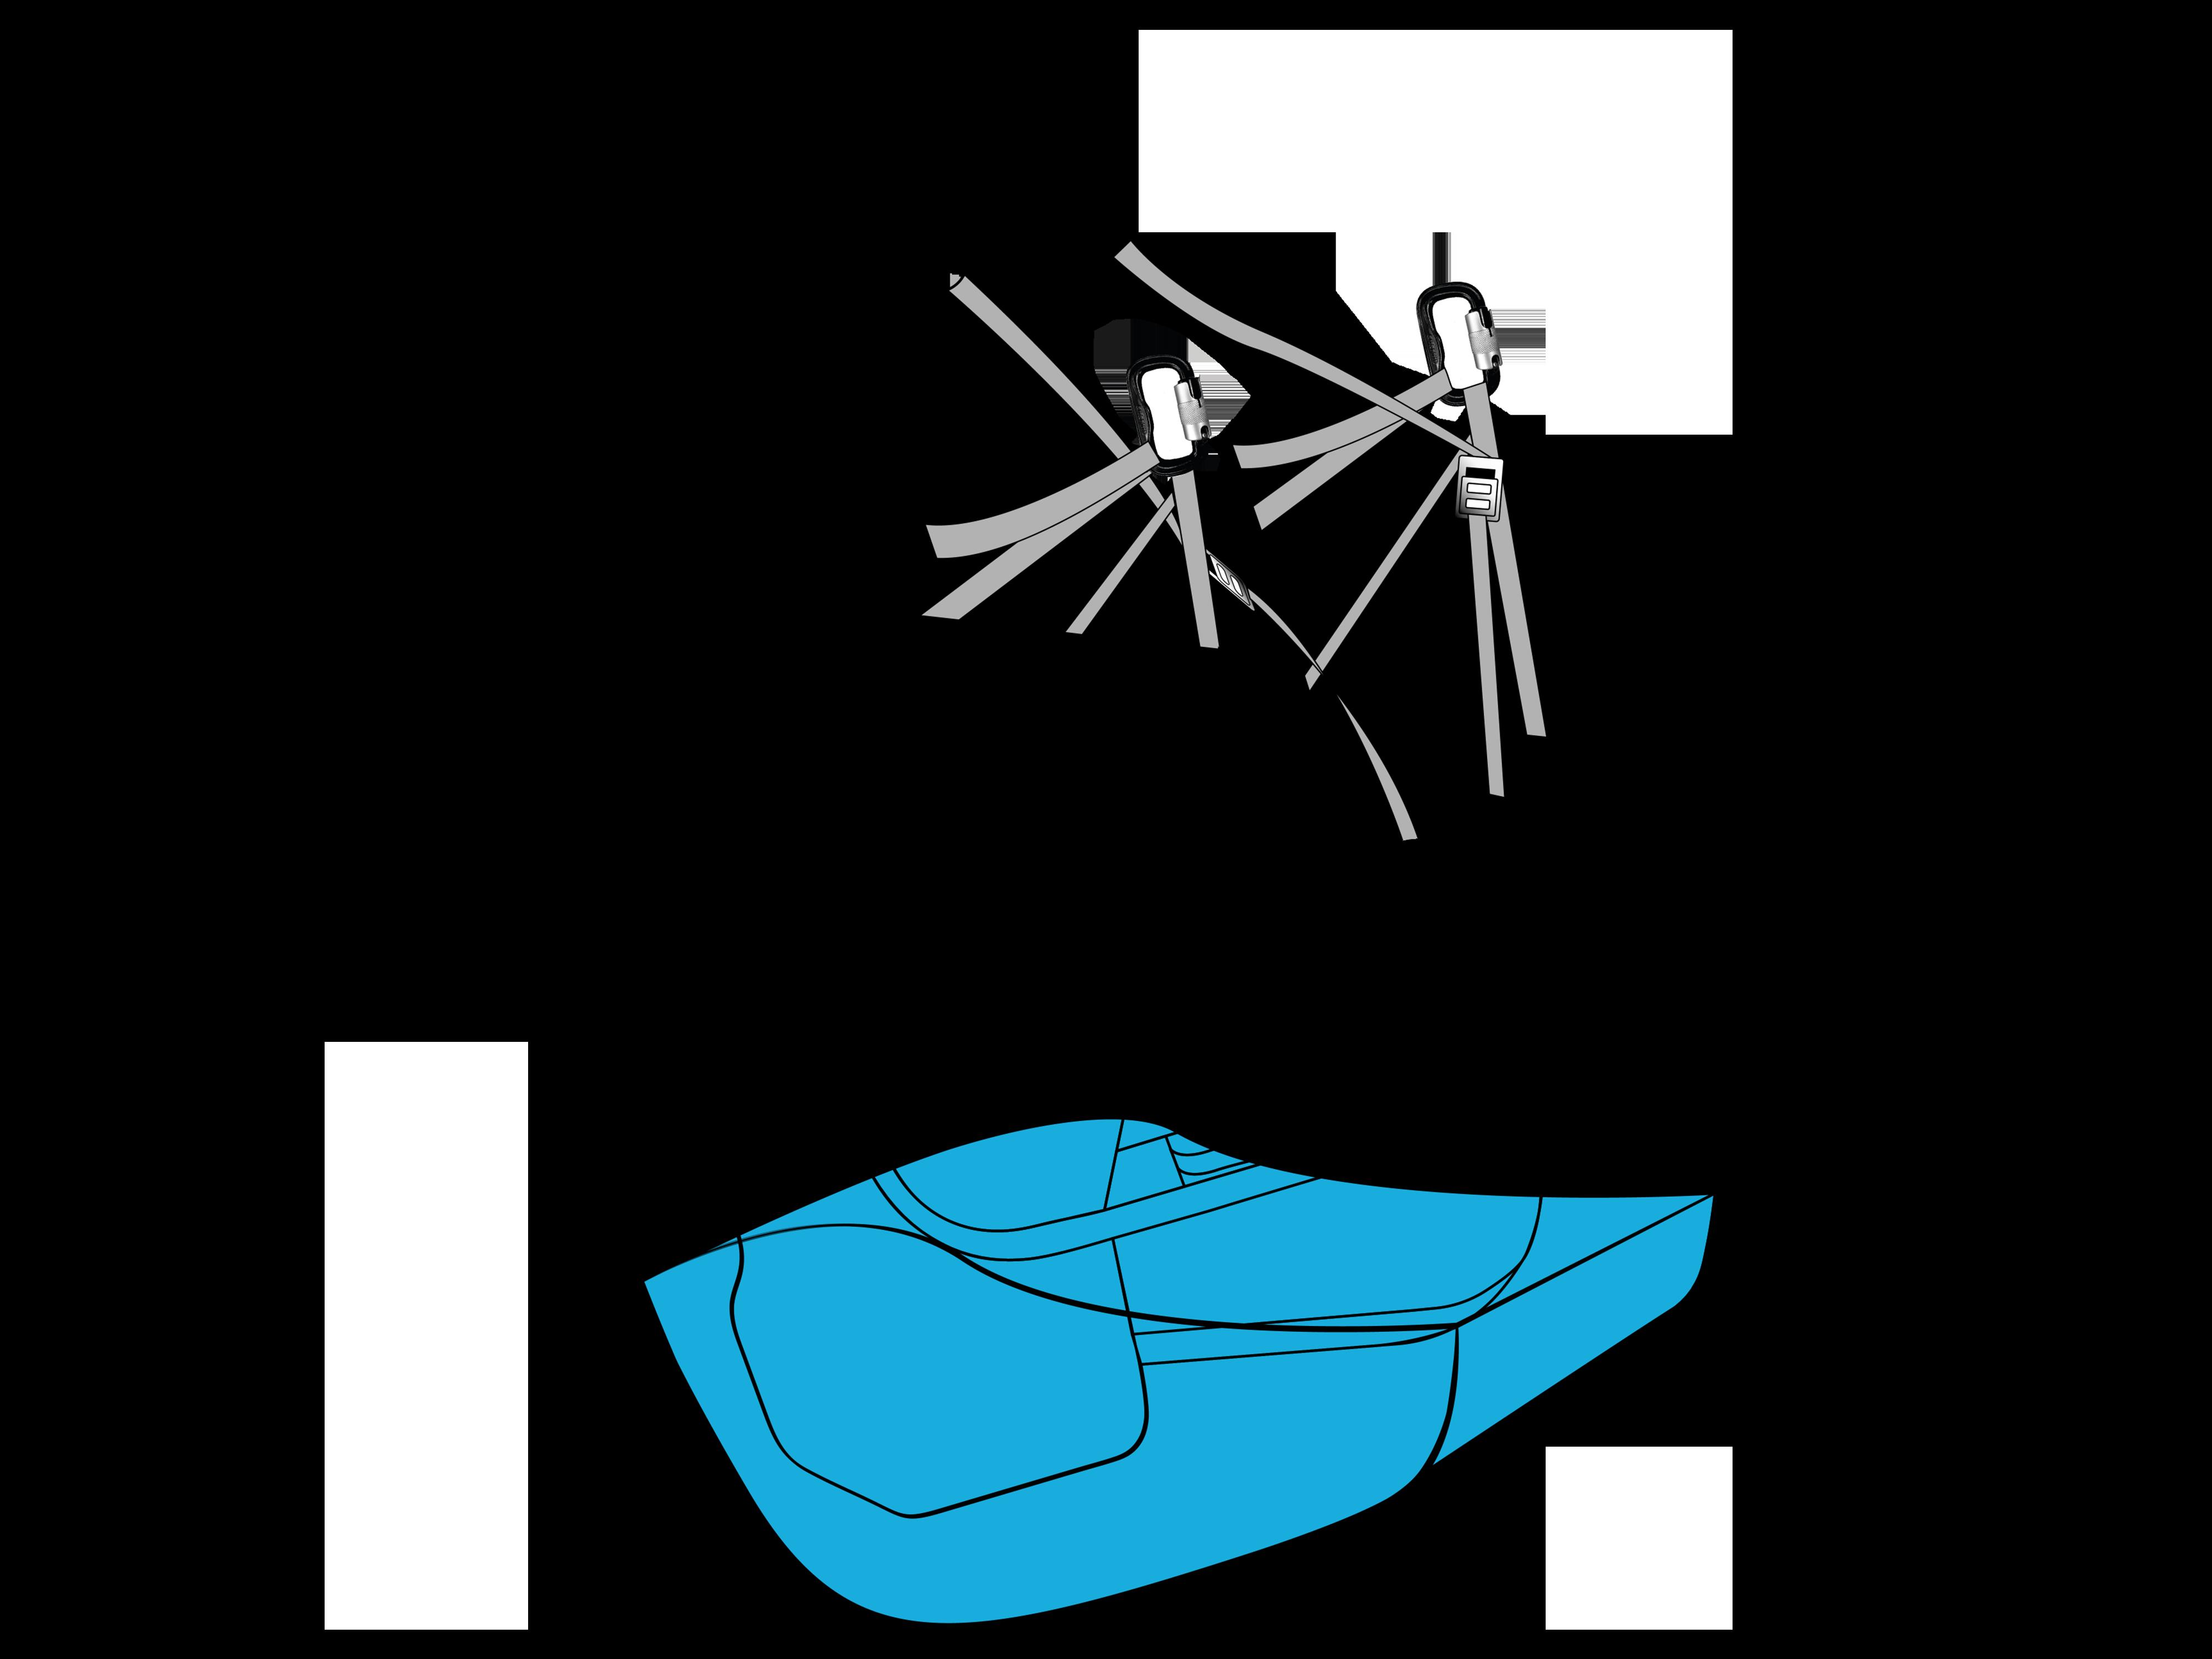 PermAir-BREEZE-PNG